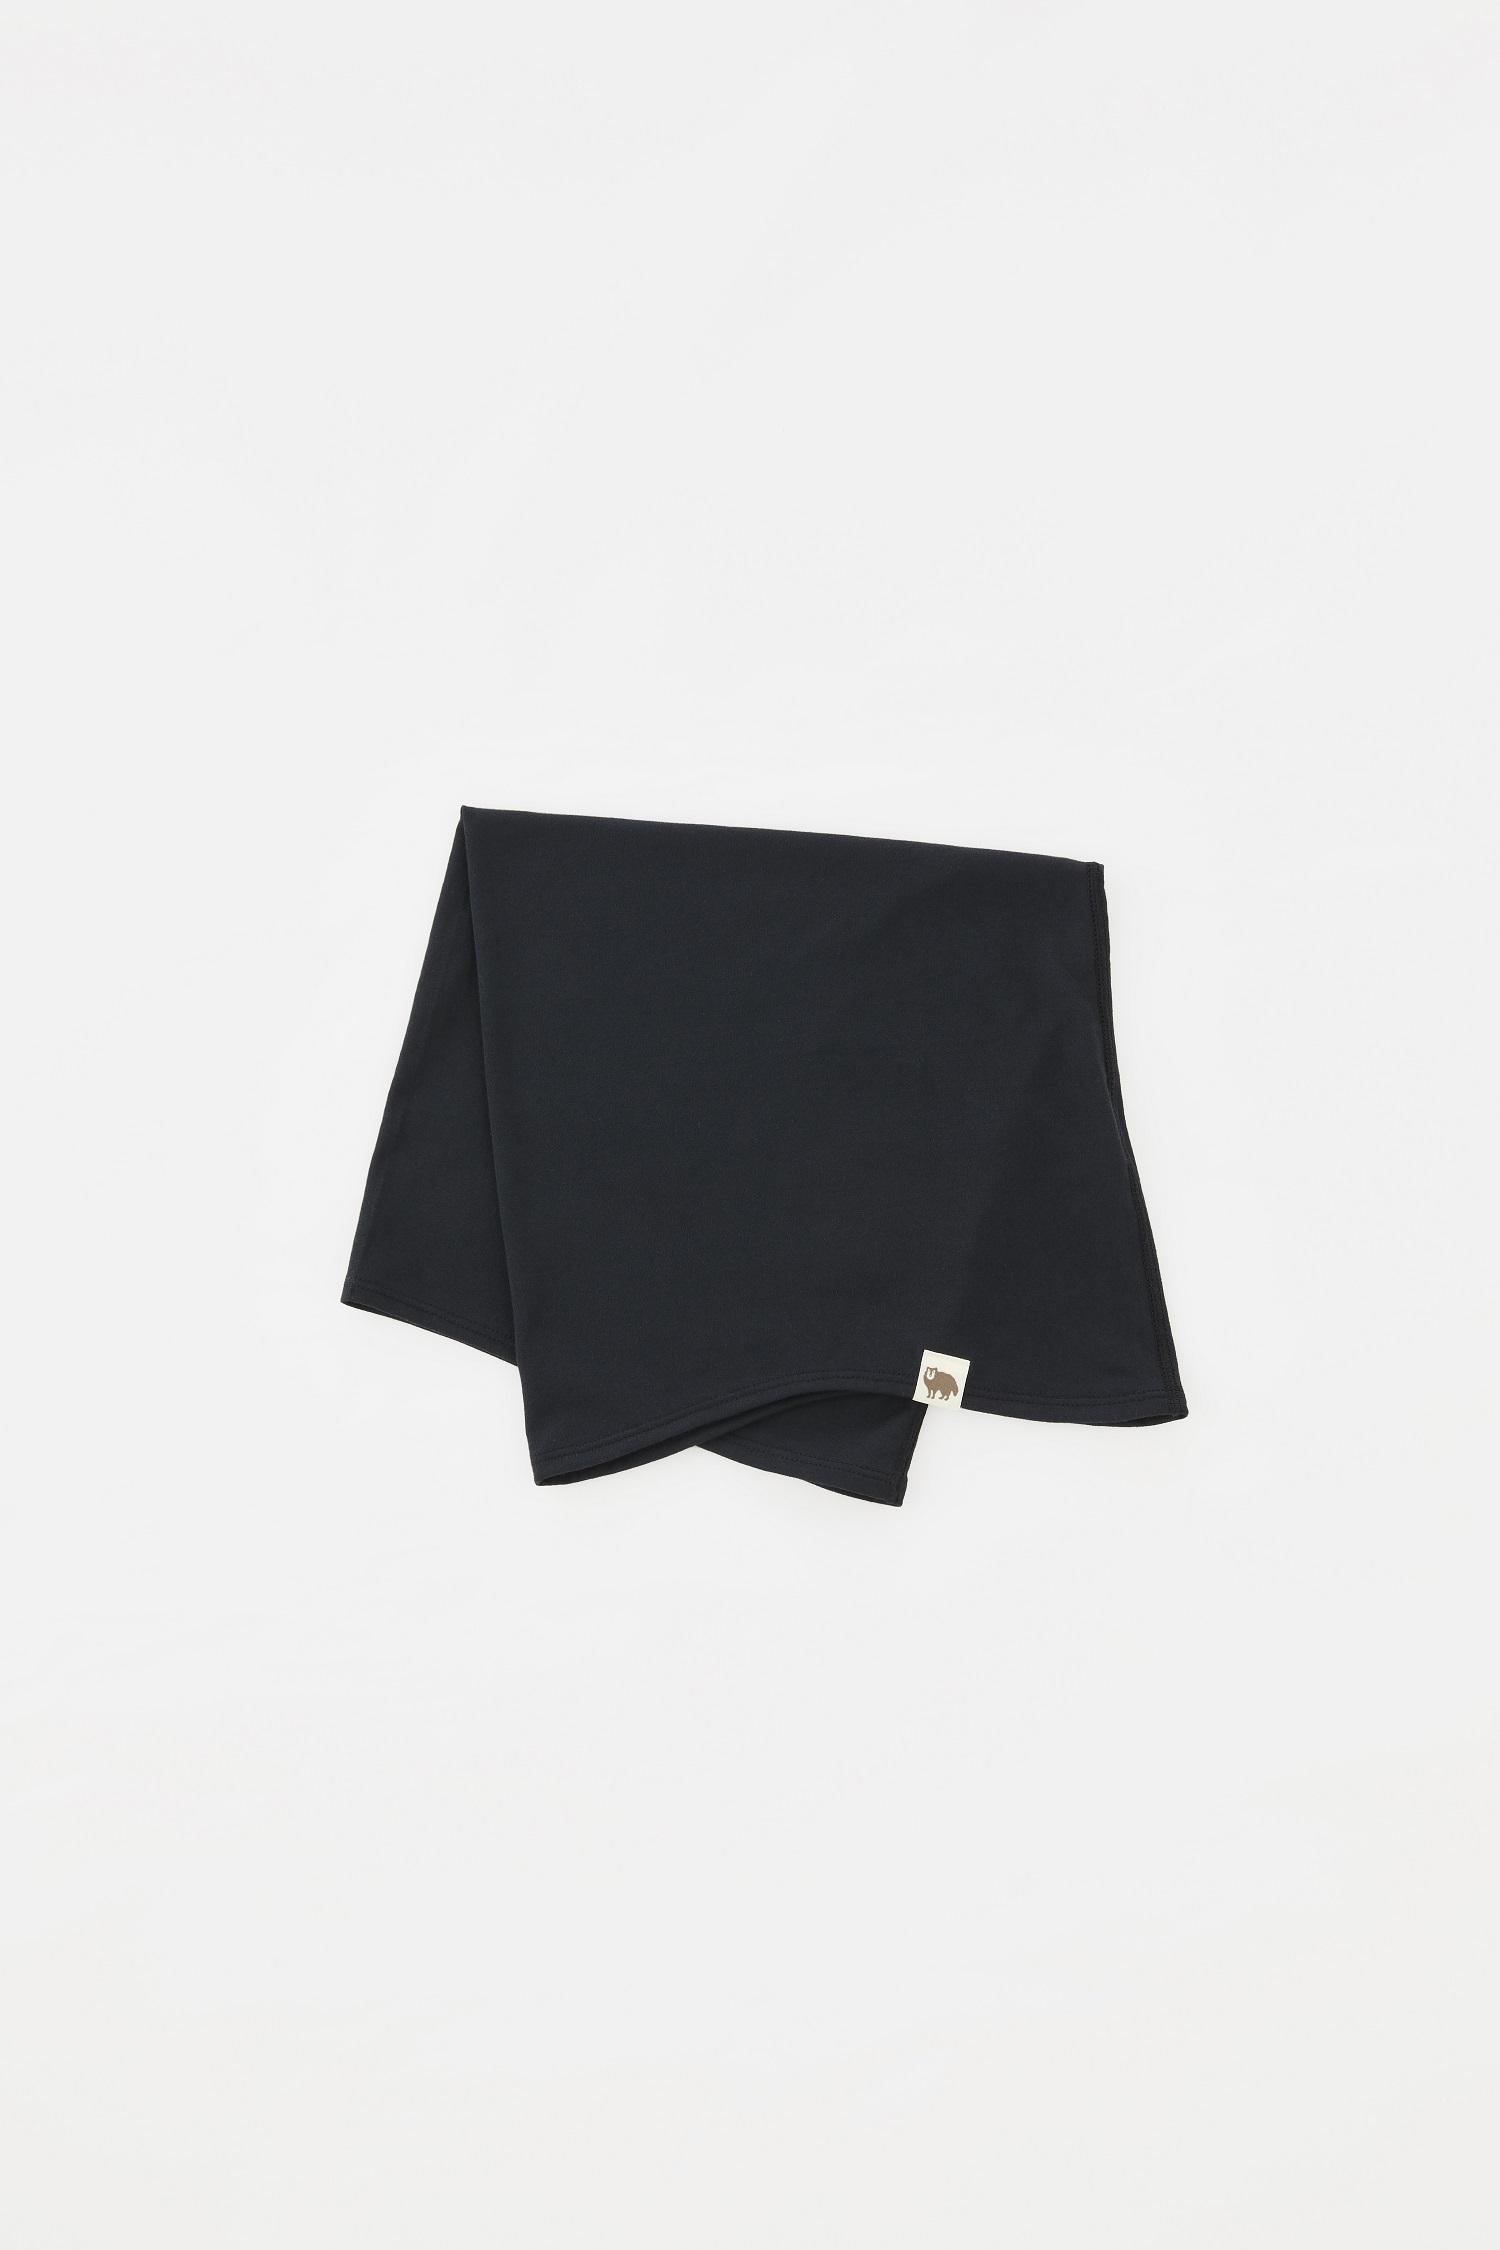 Sato Neck Warmer: Color Black